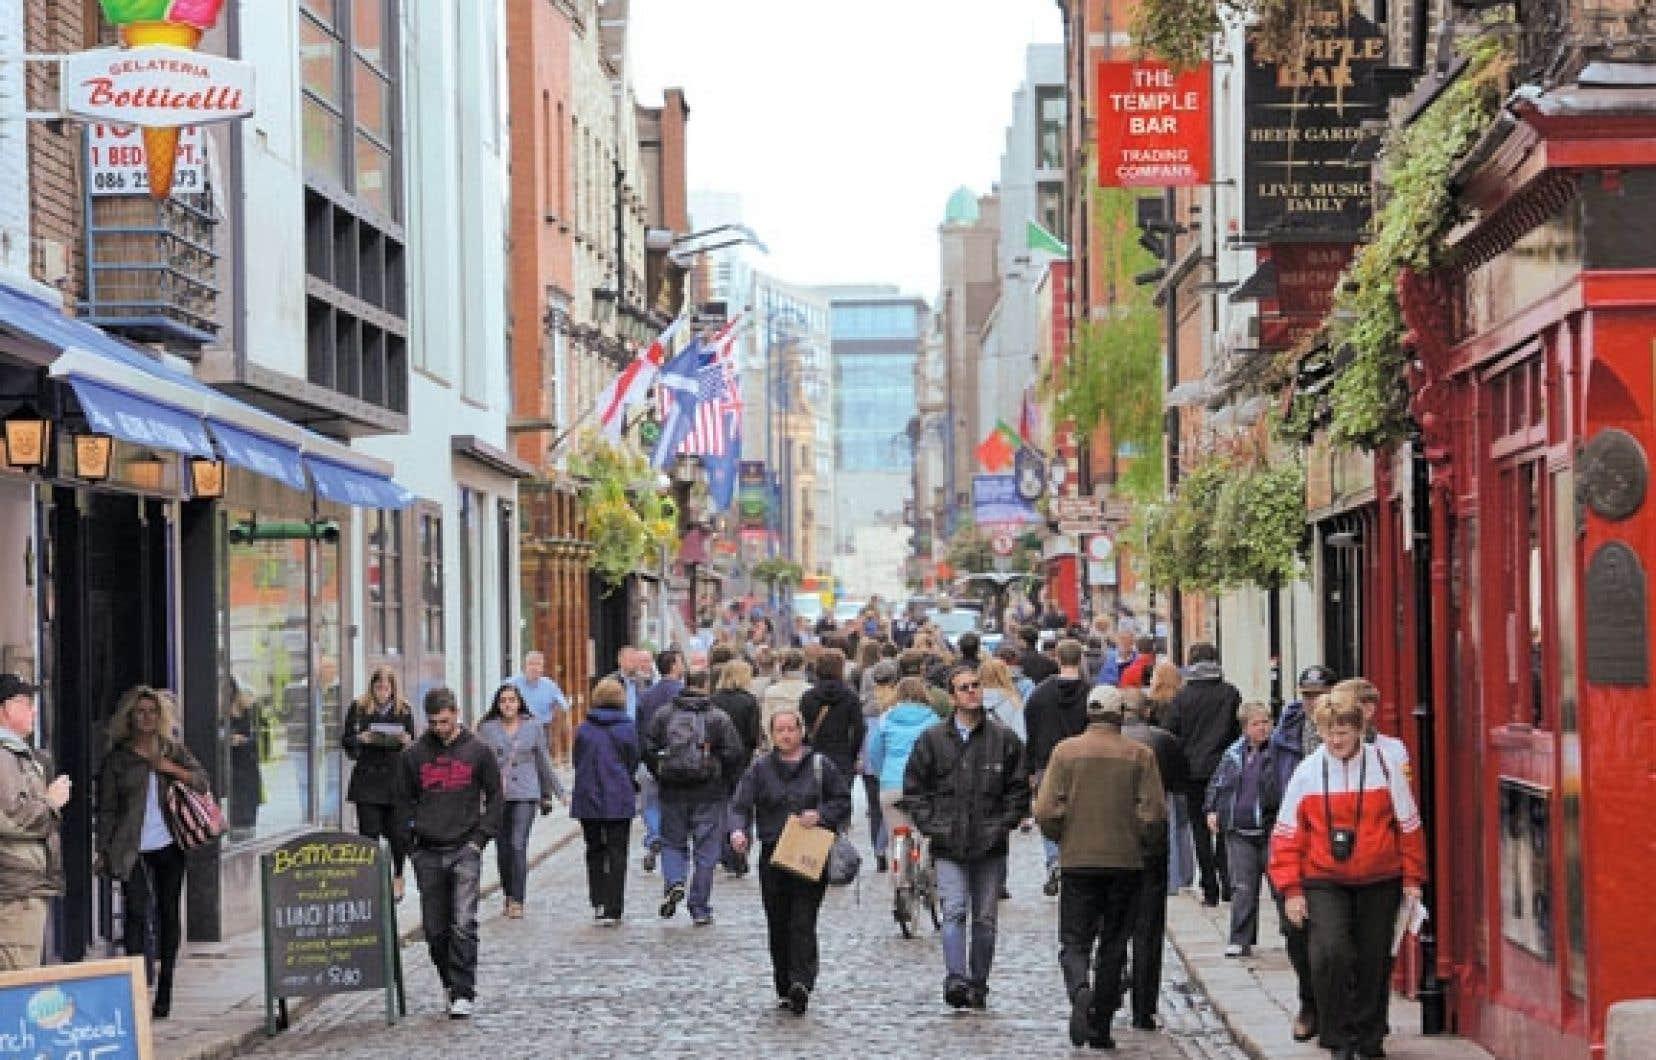 Dans Temple Bar, le quartier historique de Dublin, les musiciens sortent des pubs pour animer les rues, de jour comme de soir.